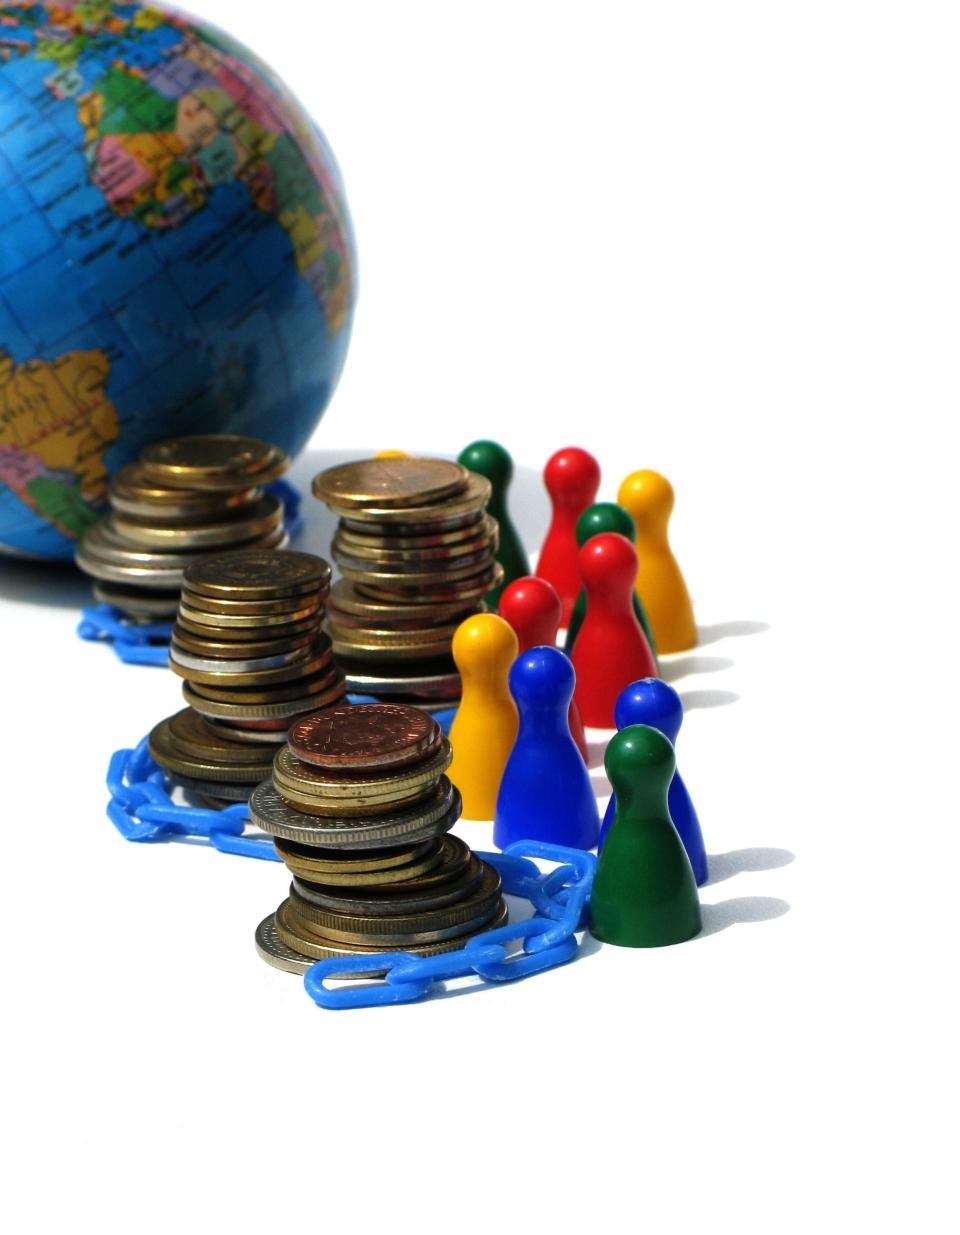 Malé půjčka bez registru a prokazování příjmu